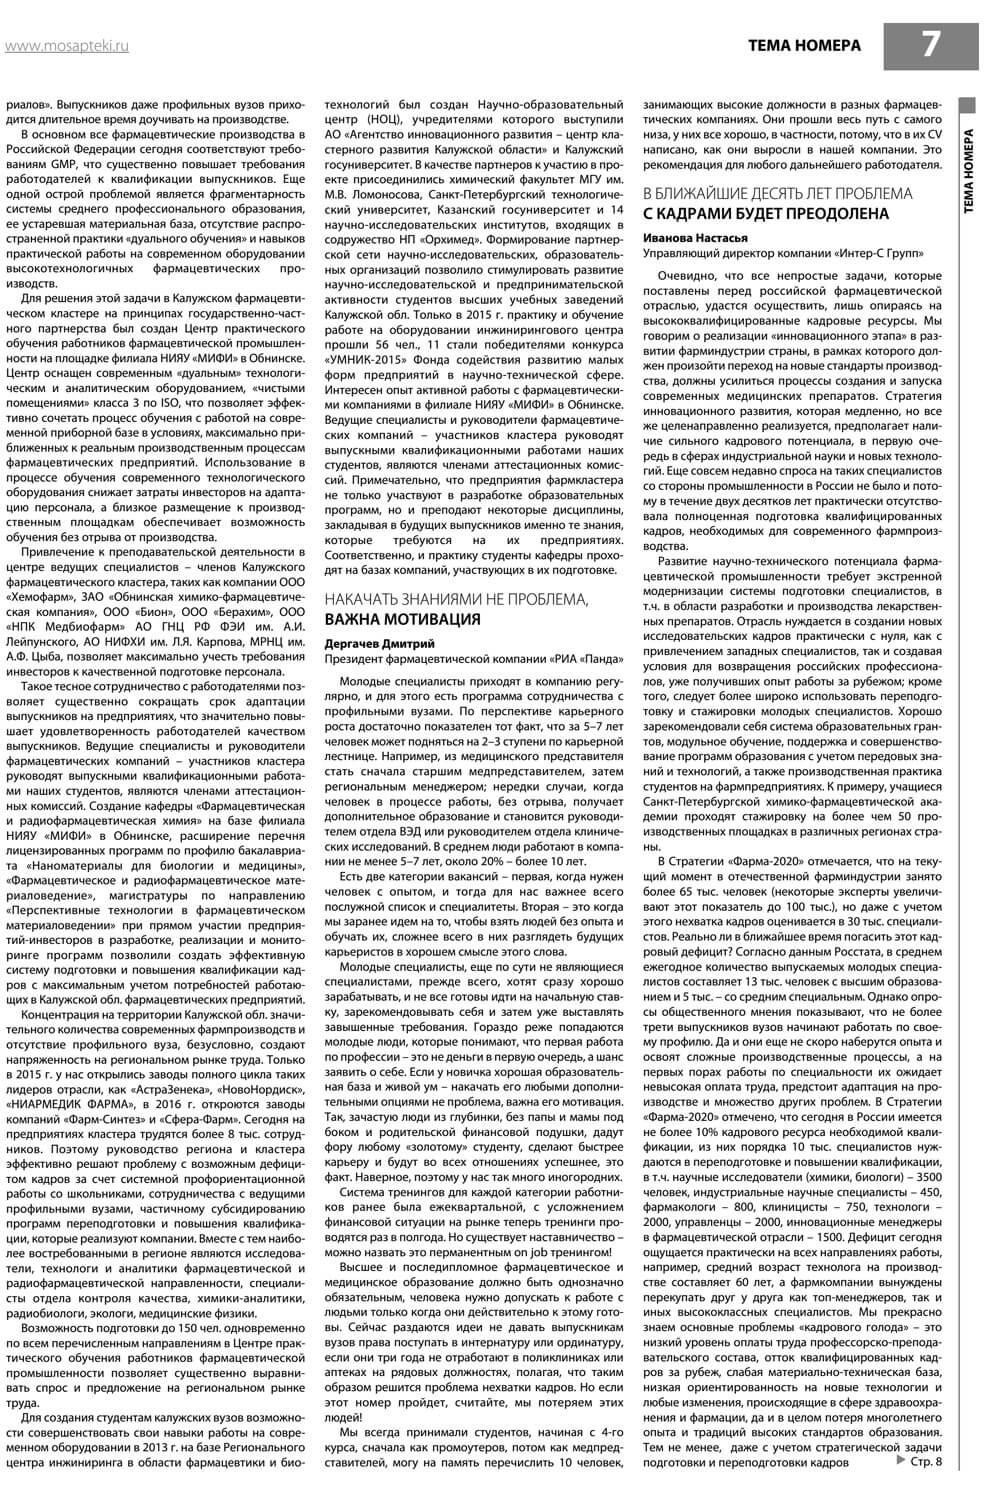 задачи, которые поставлены перед российской фармотраслью